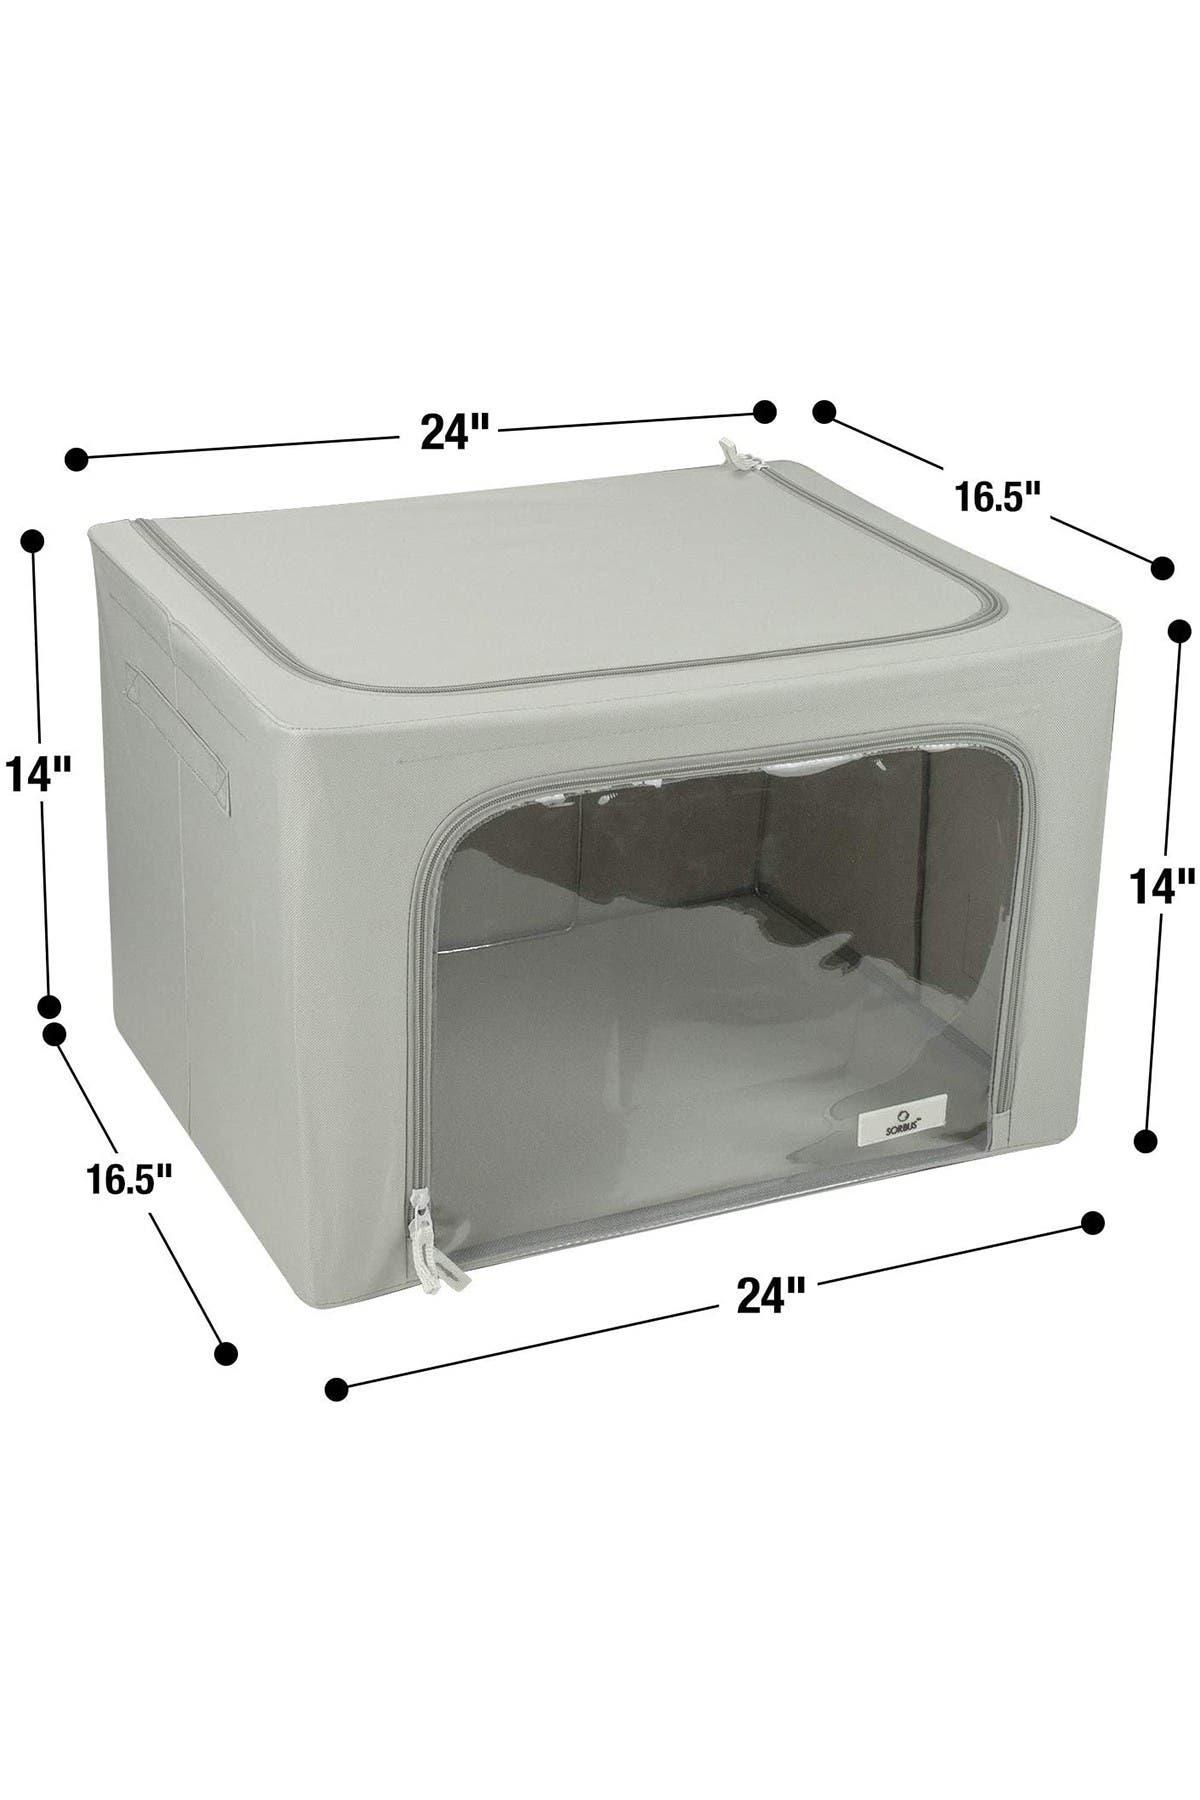 Image of Sorbus Foldable Storage Box Organizer - Gray - Large - Set of 2